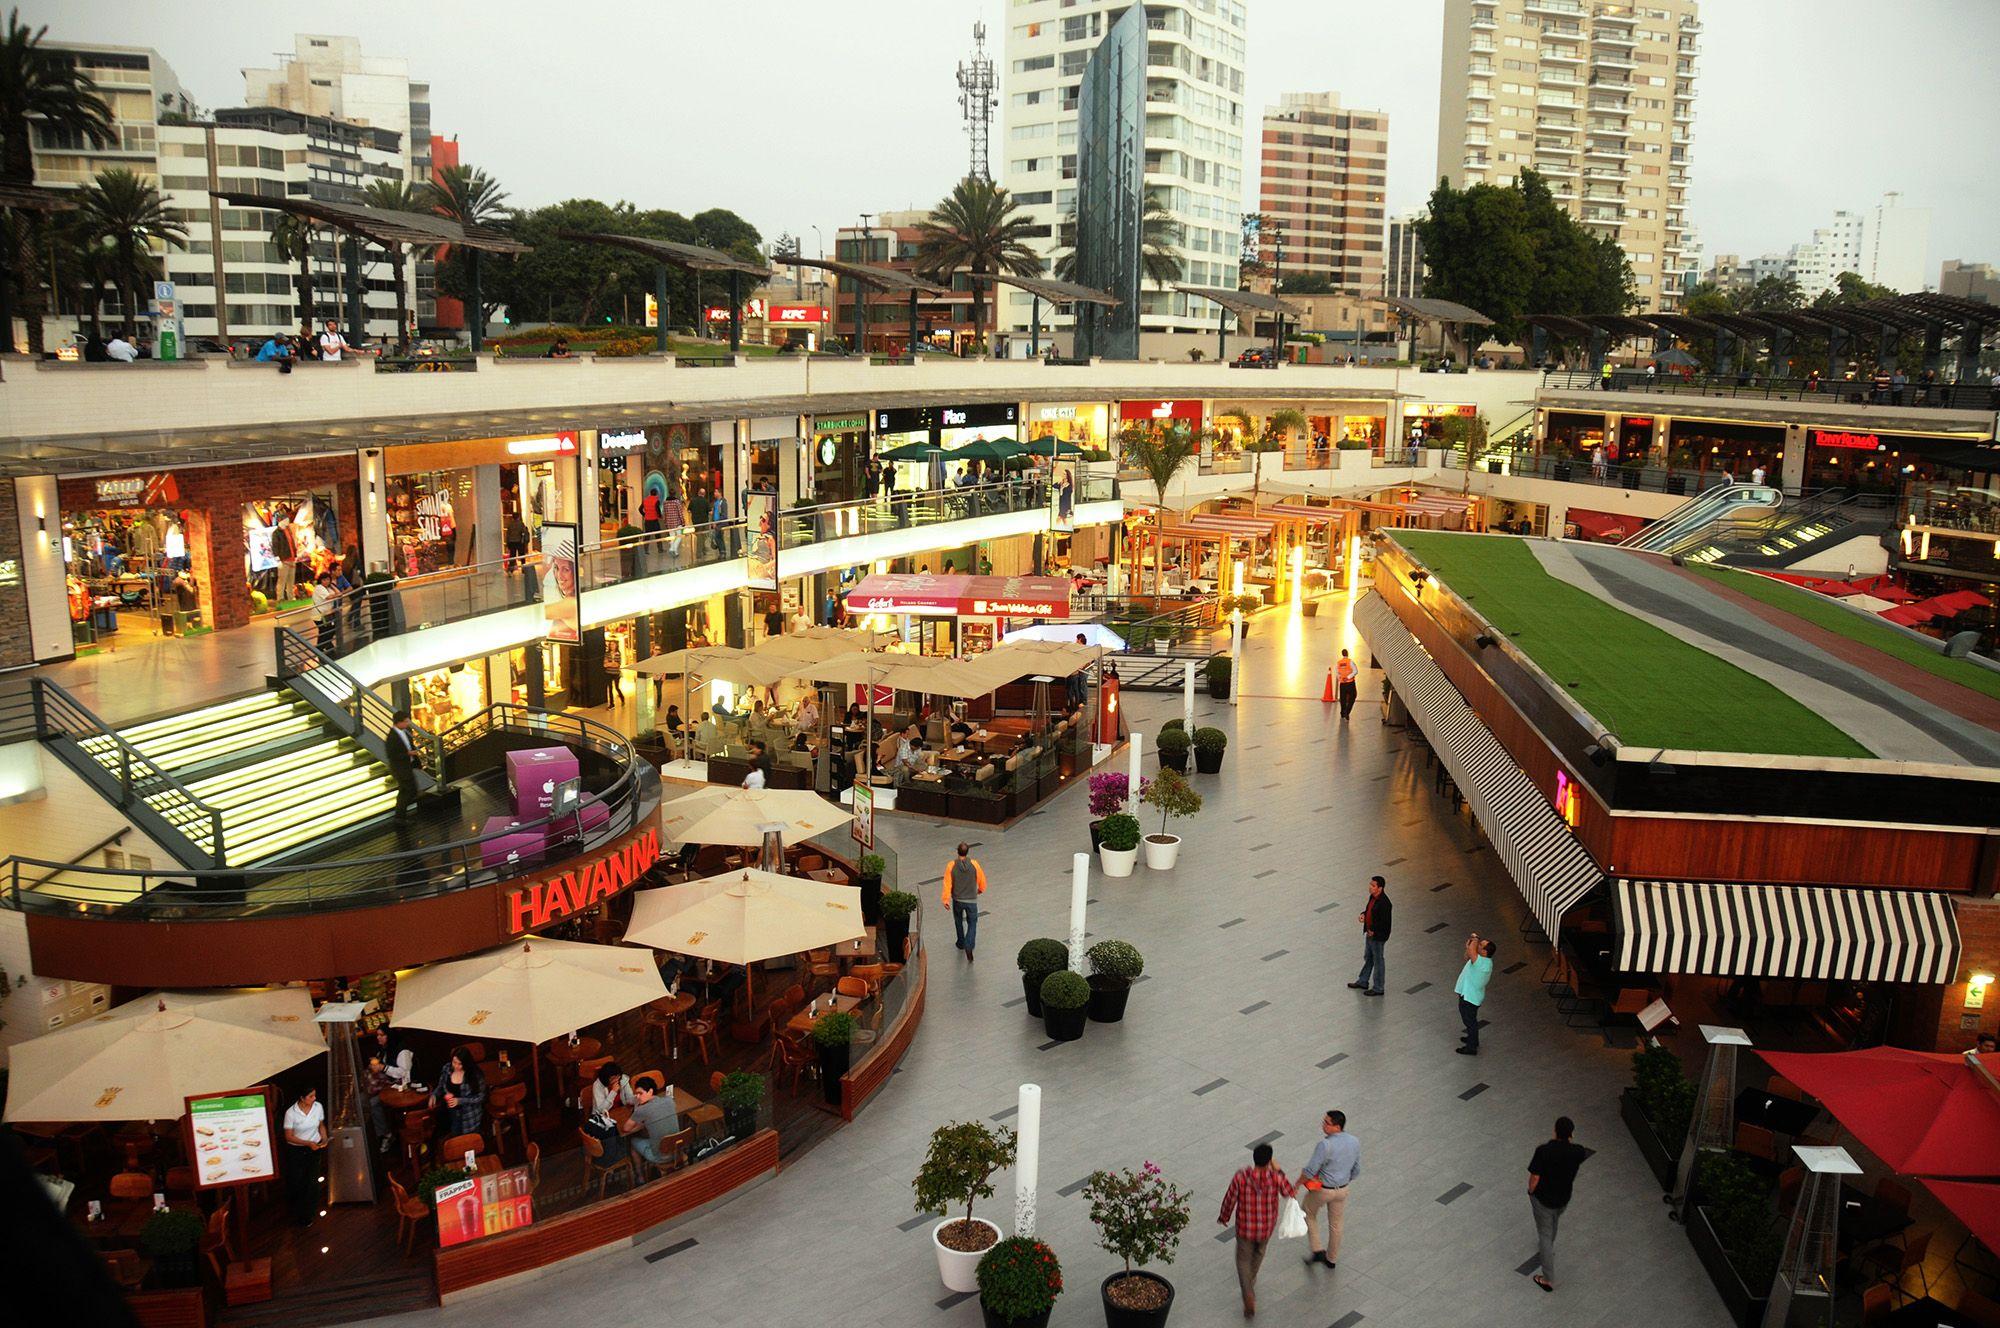 cc larcomar exteriores 02 1 - Perú: ¿Qué actividades preparan los malls por Día de San Valentín?